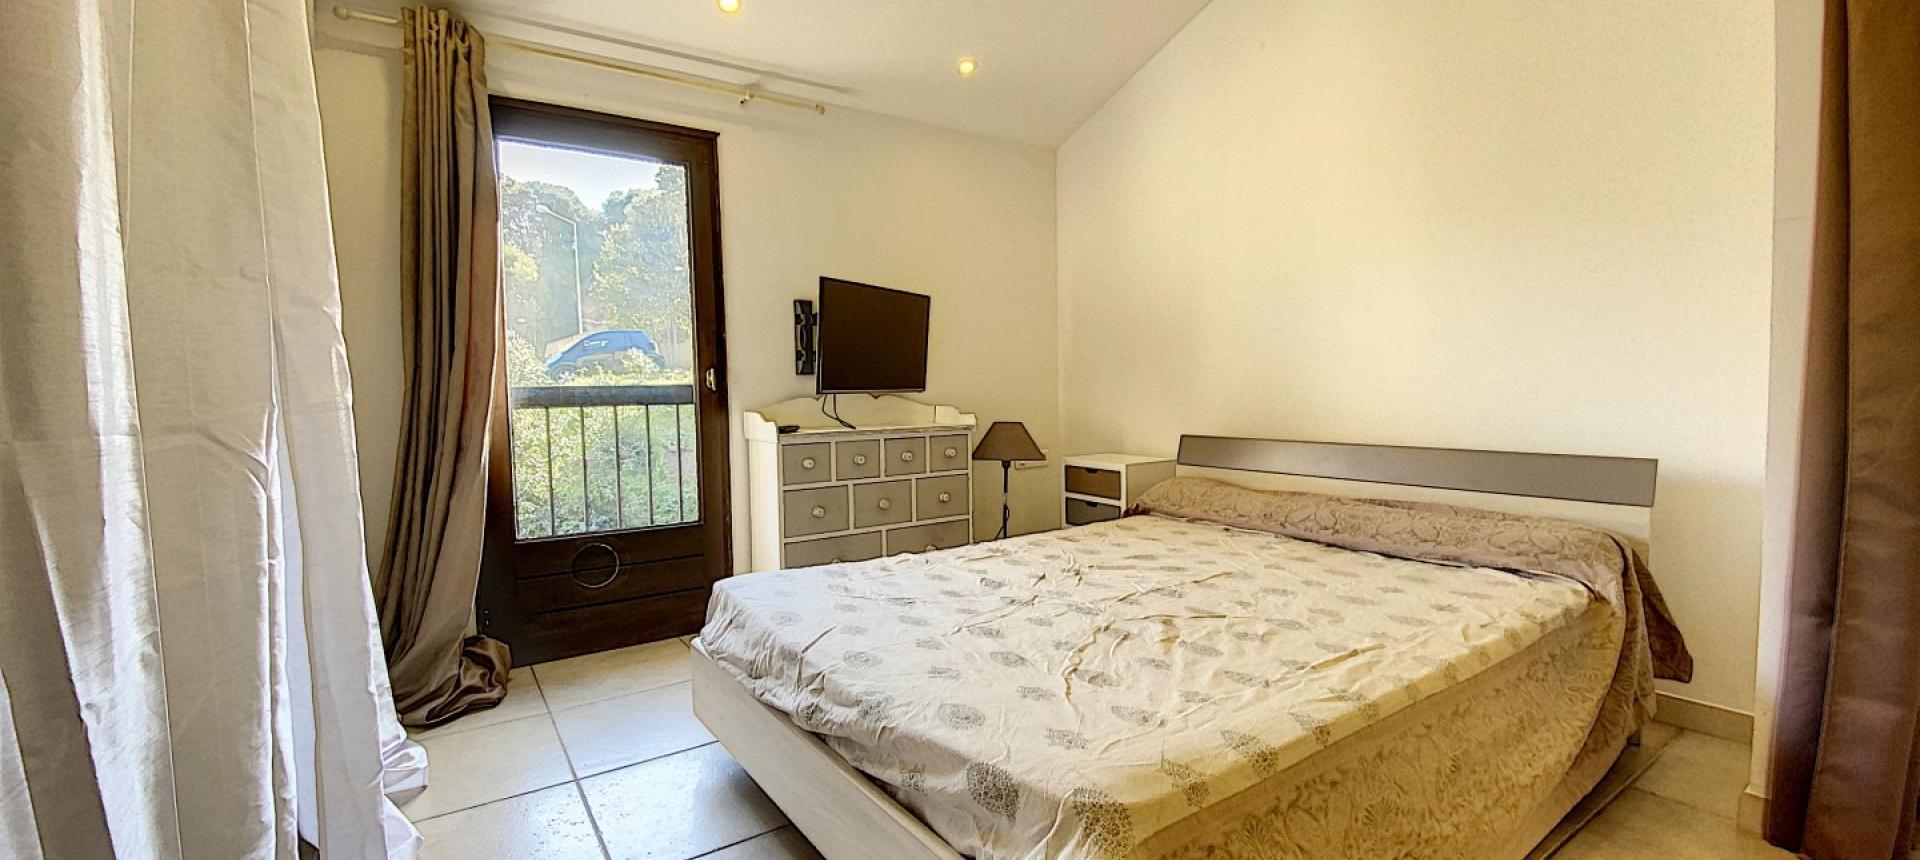 à vendre f2 duplex aspretto chambre